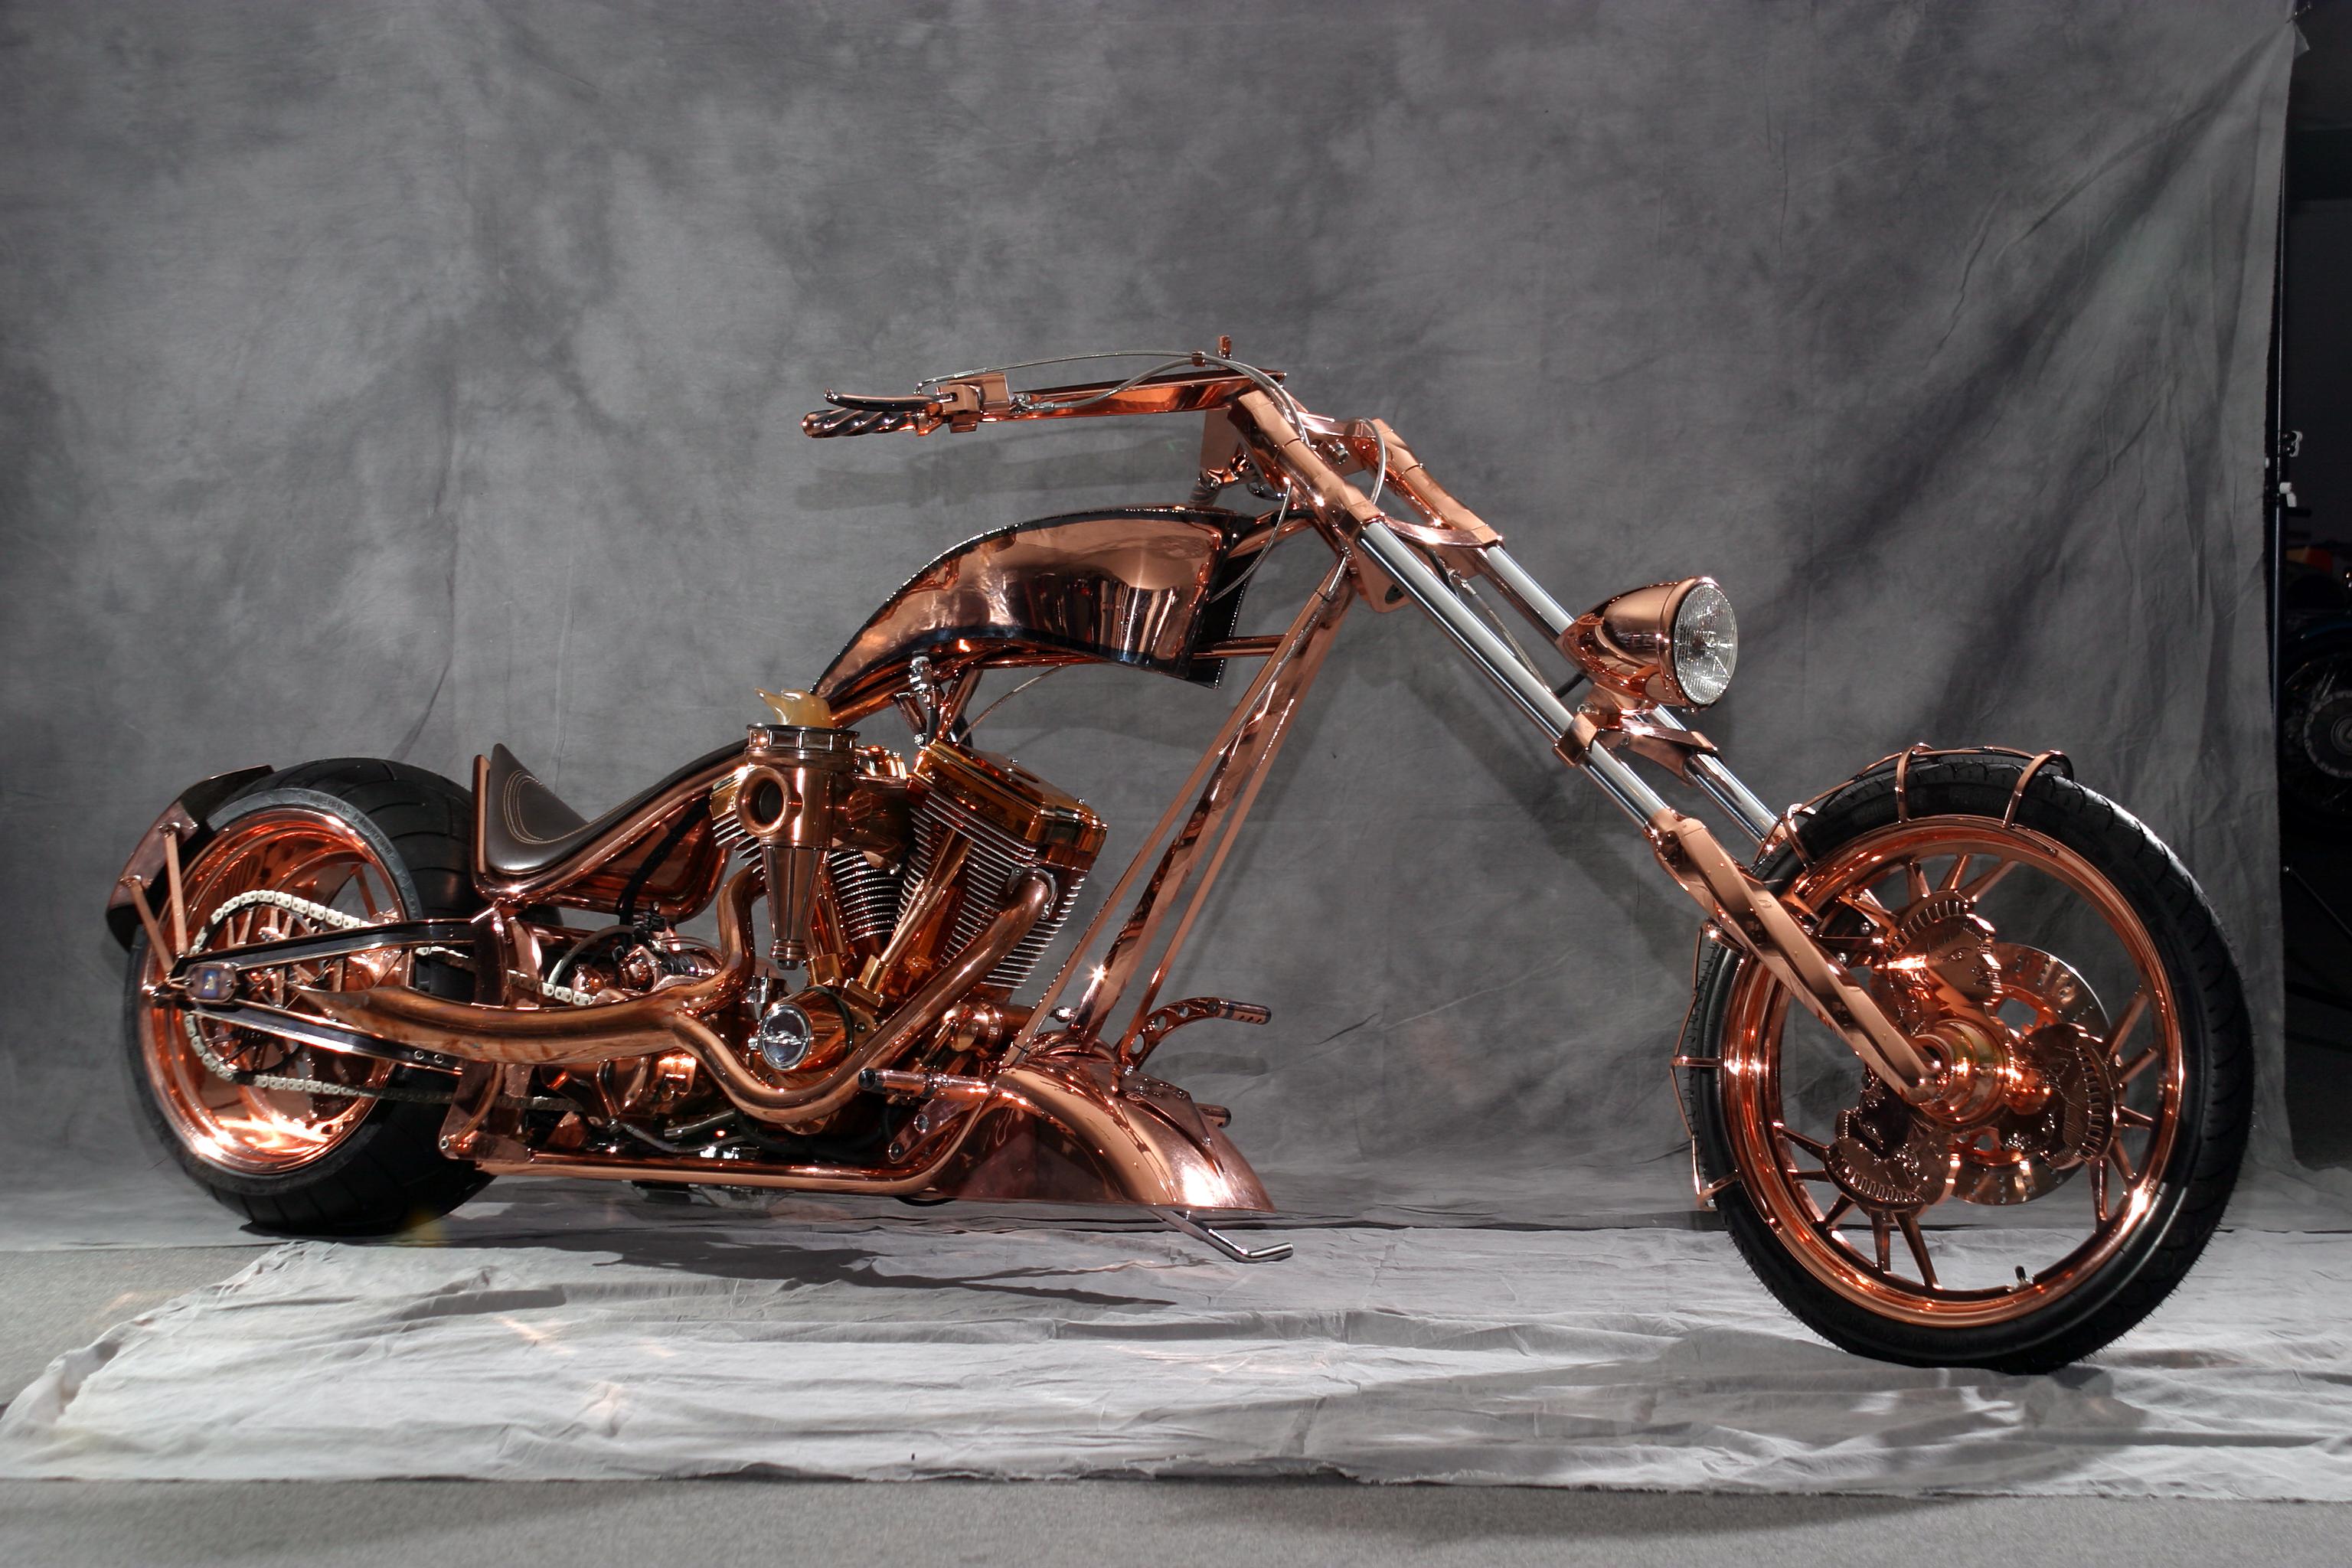 File:Liberty Bike side.JPG - Wikimedia Commons